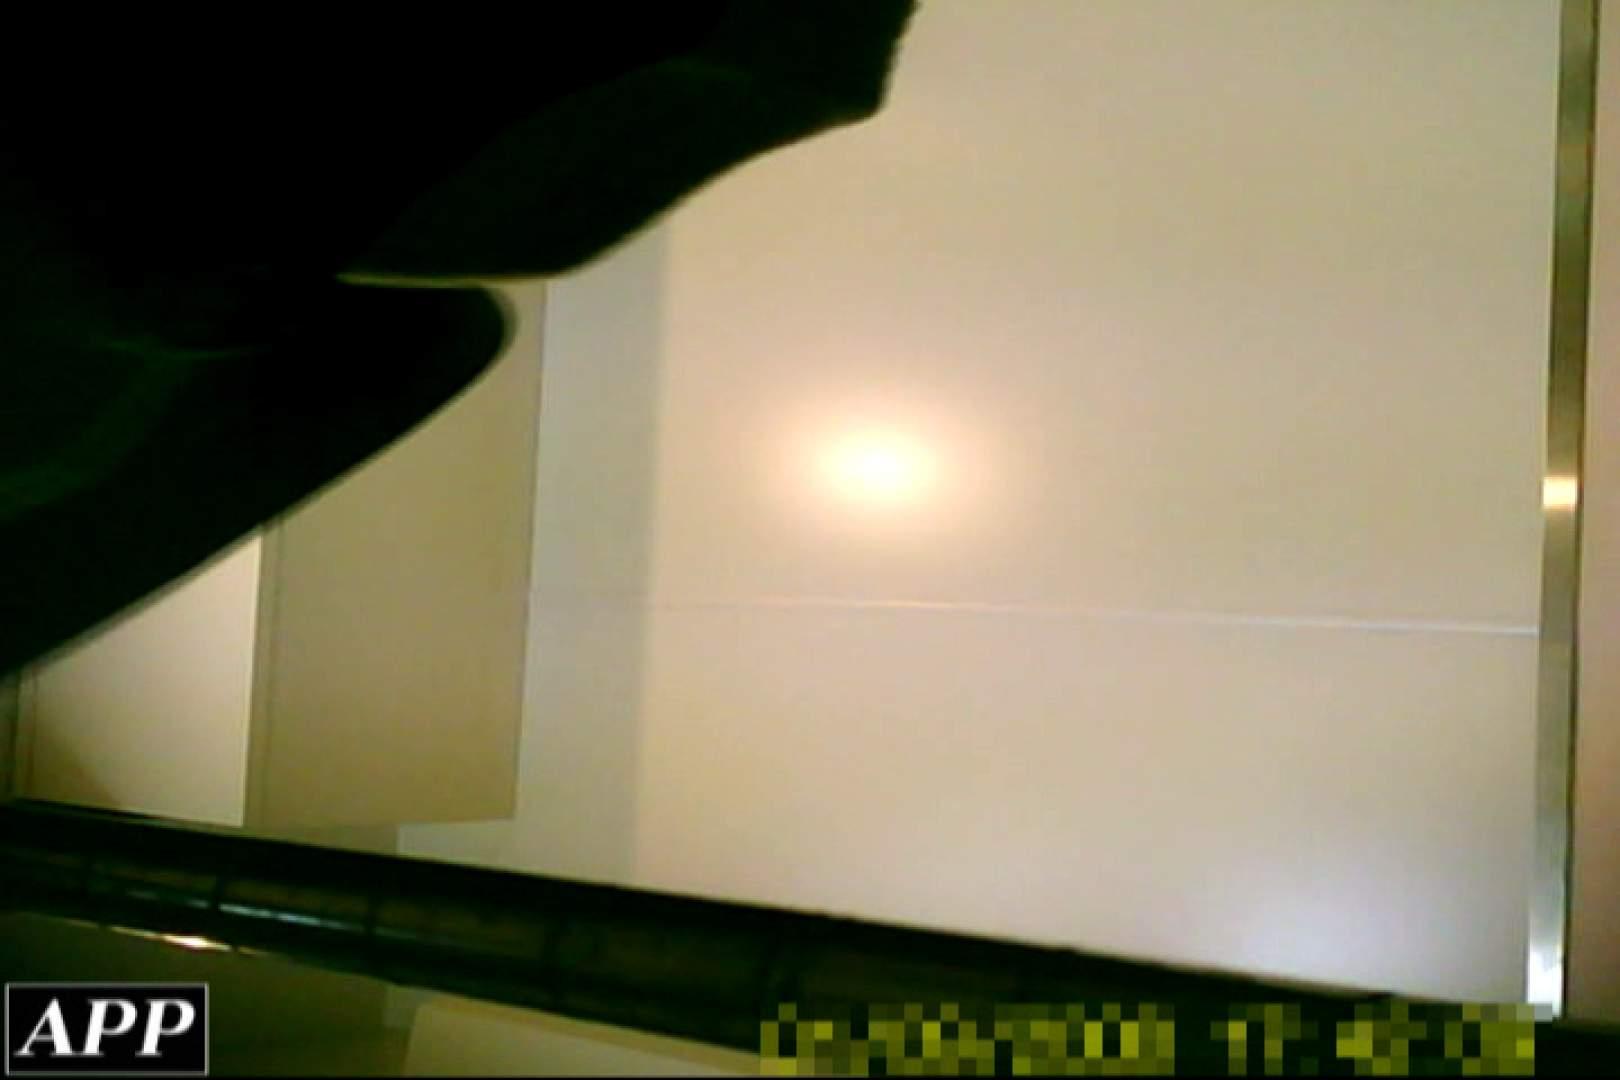 3視点洗面所 vol.40 丸見え おまんこ動画流出 99画像 80